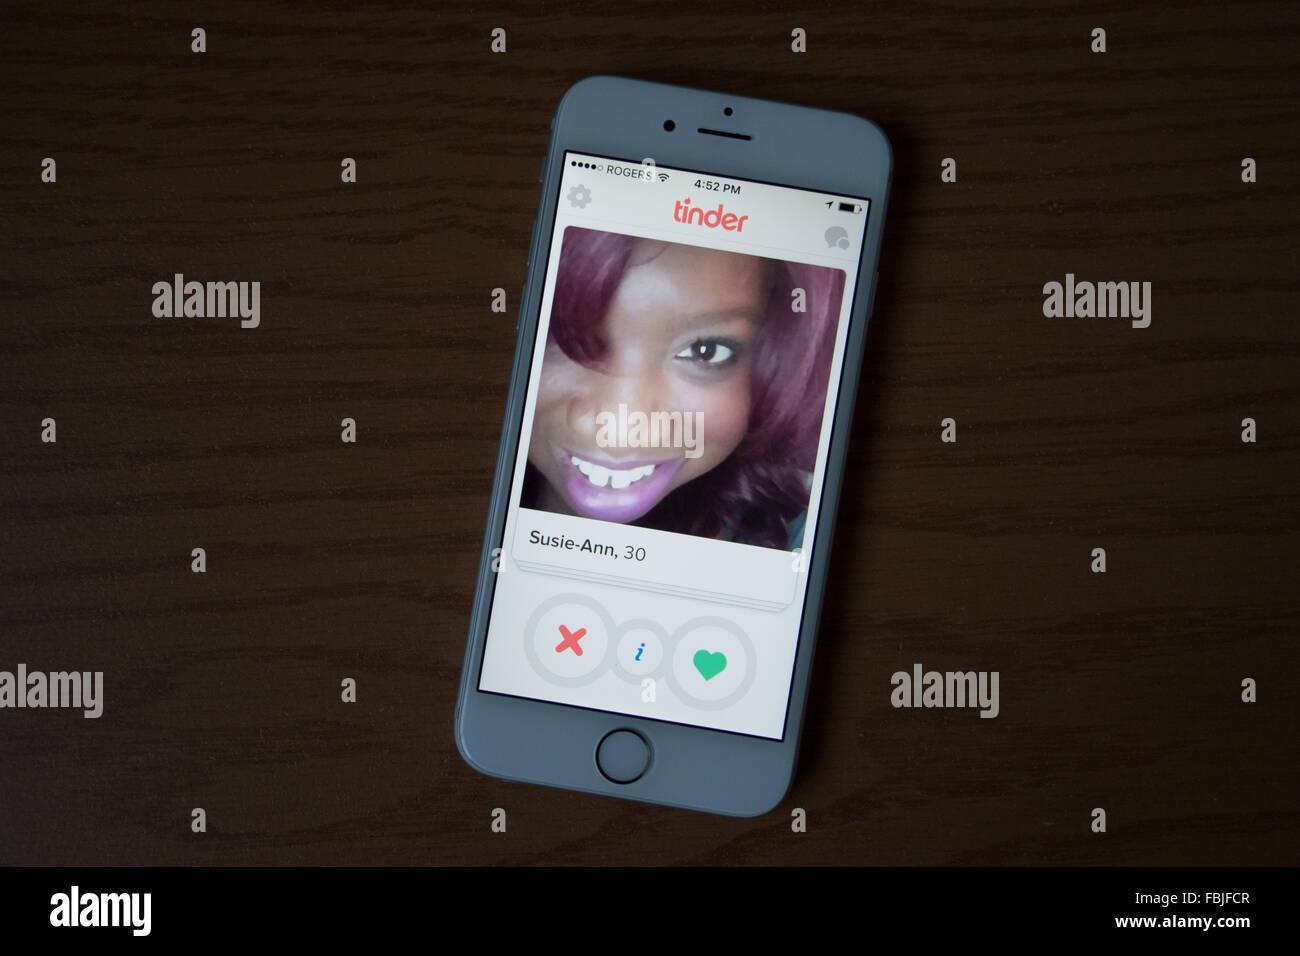 Yesca dating app Imagen De Stock